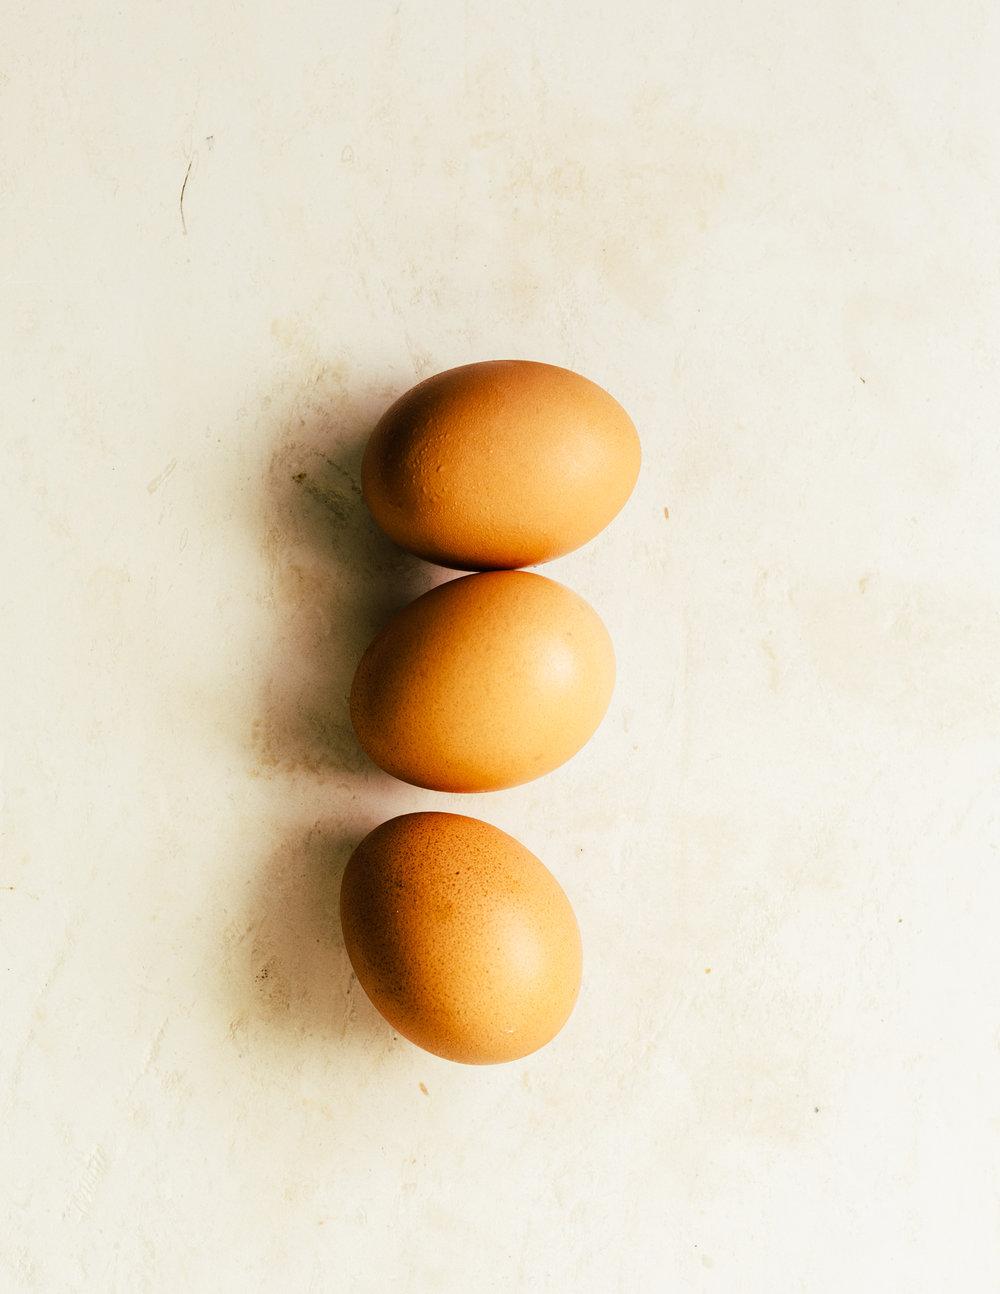 Ramen_Eggs-7299_WEB.jpg